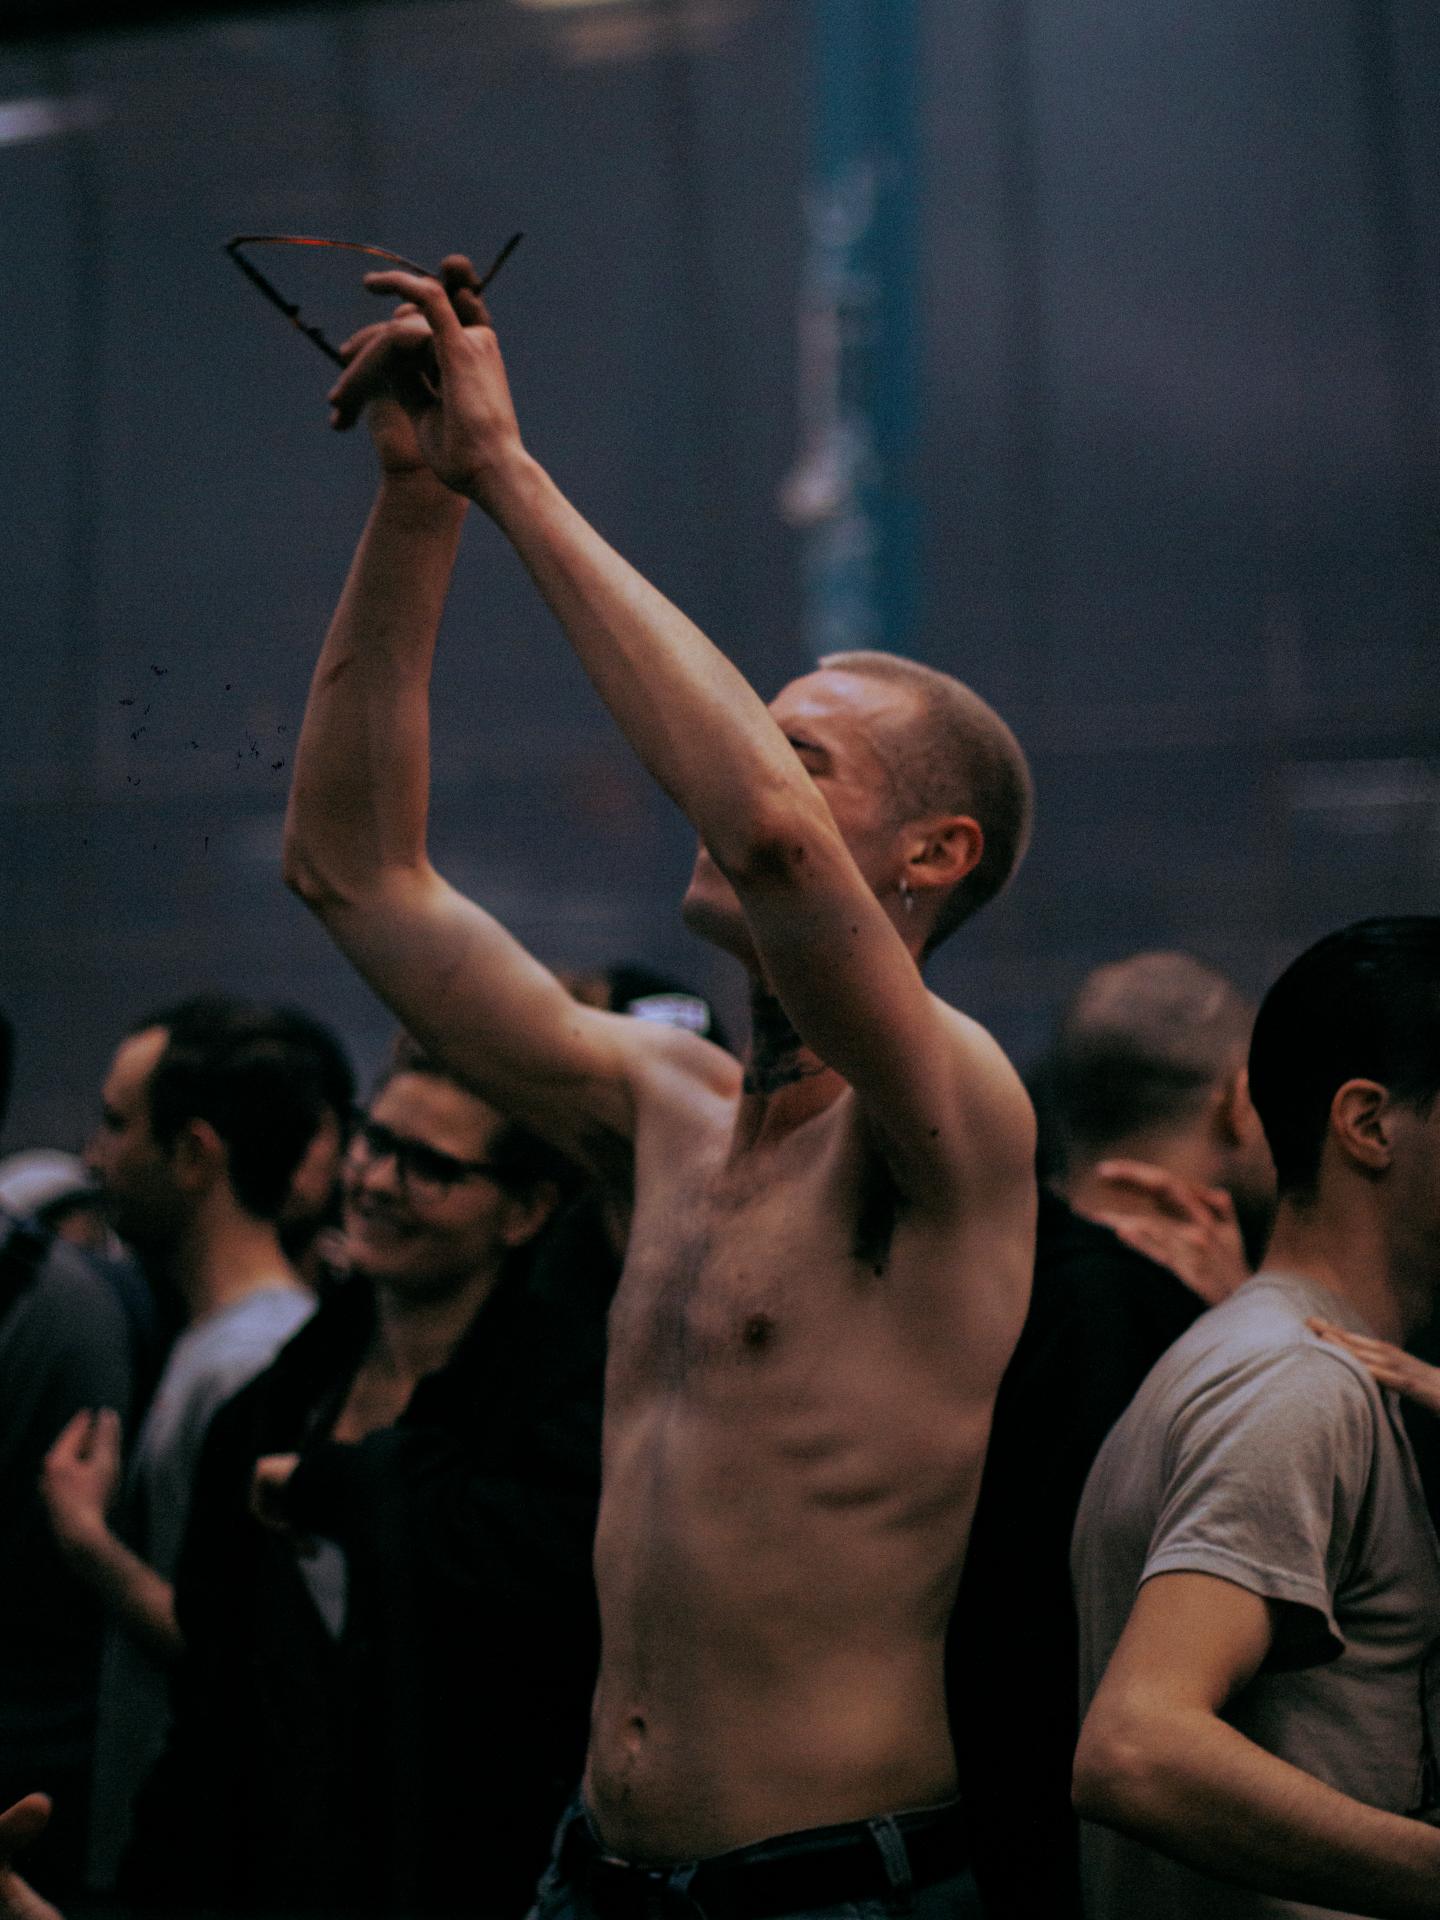 homme dansant torse nu